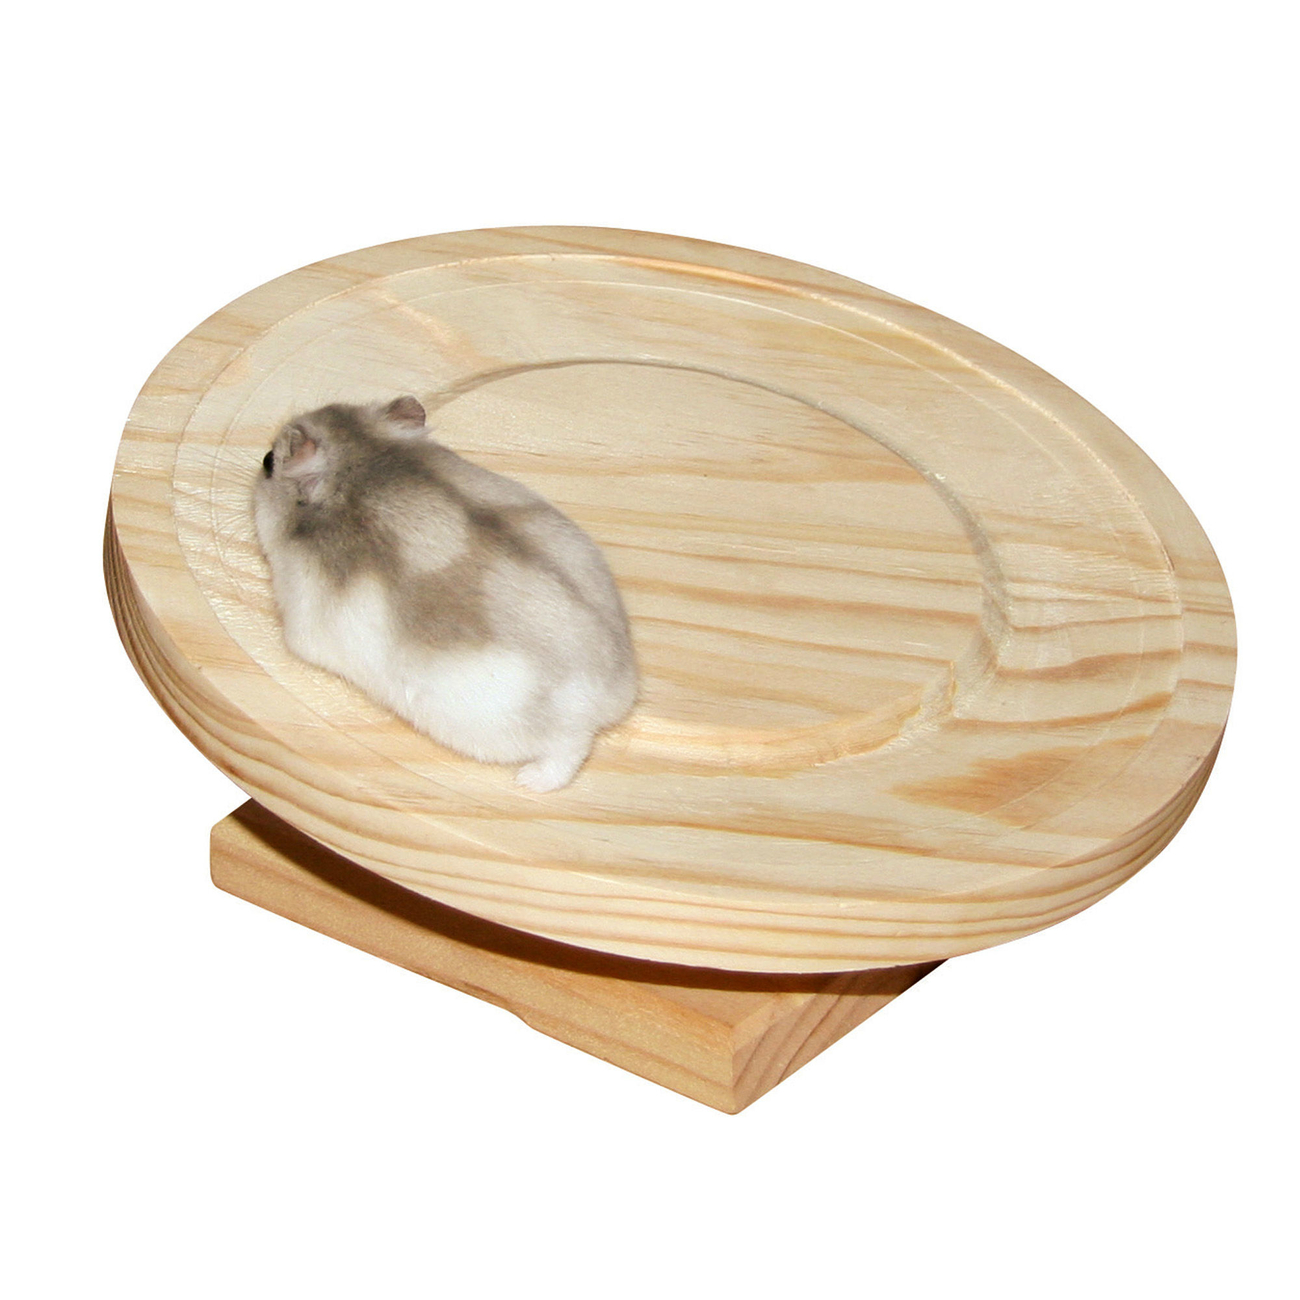 laufteller holz f r hamster von kerbl g nstig bestellen. Black Bedroom Furniture Sets. Home Design Ideas